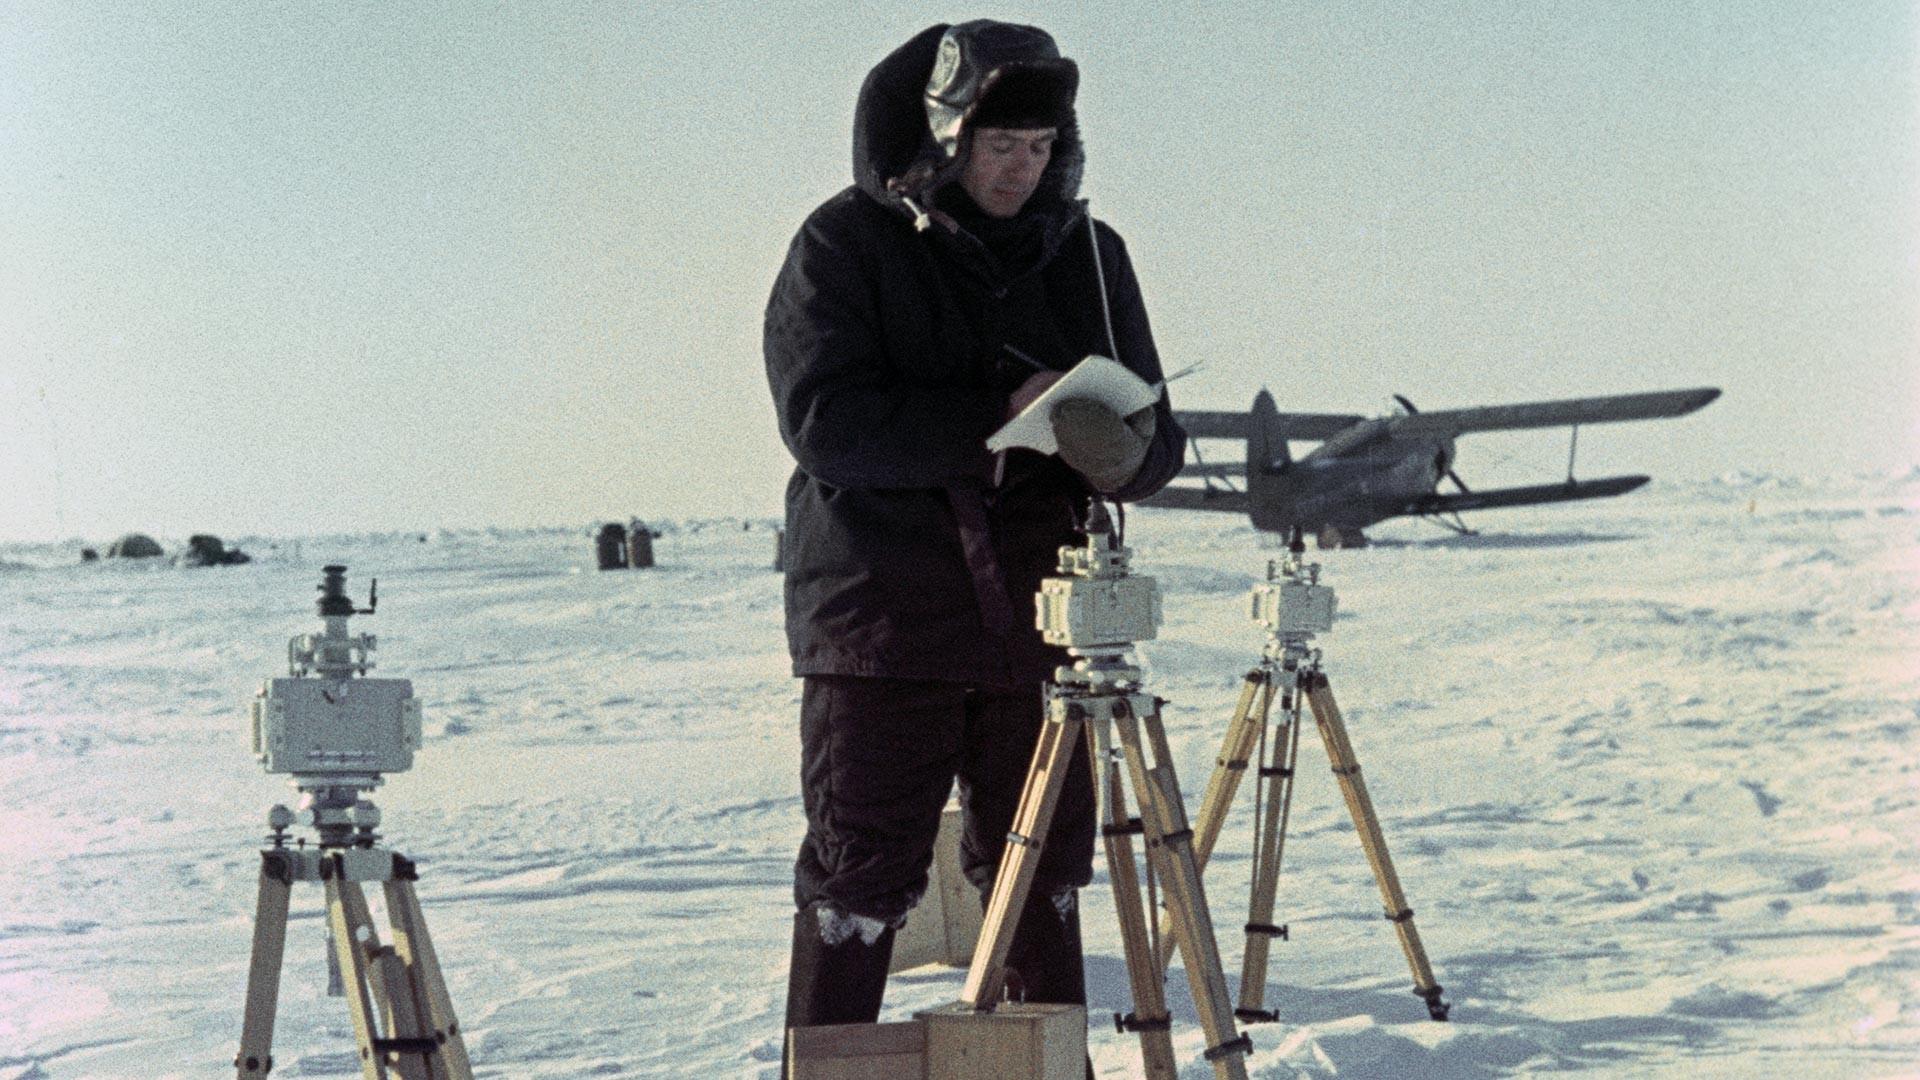 Советская научно-исследовательская дрейфующая станция «Северный полюс-8».